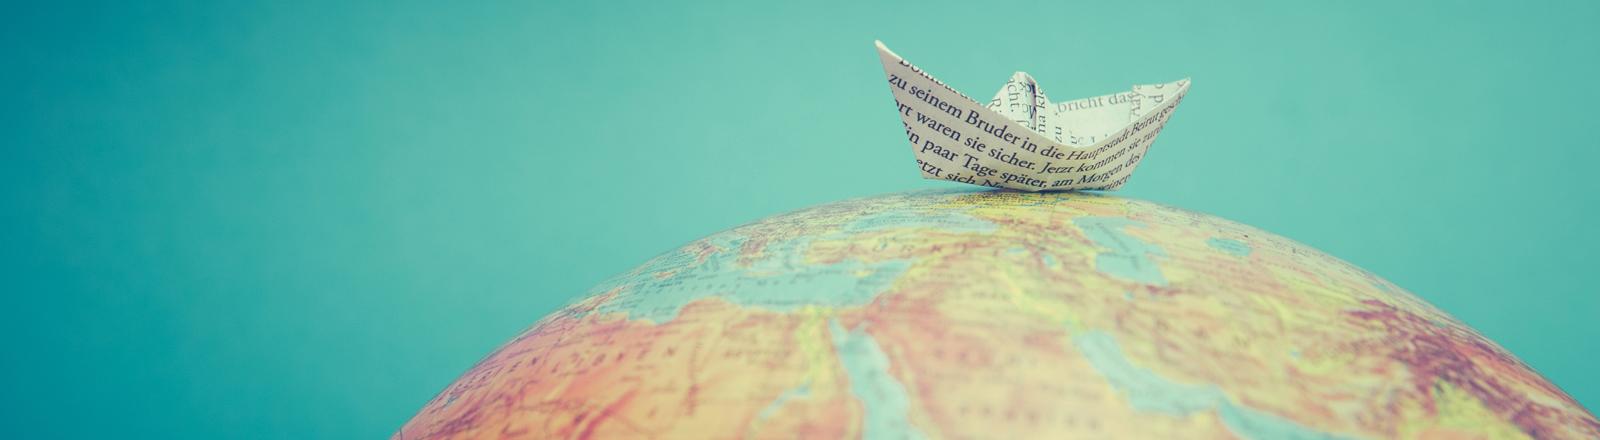 Ein Papierschiffchen auf einer Weltkugel, einem Globus.